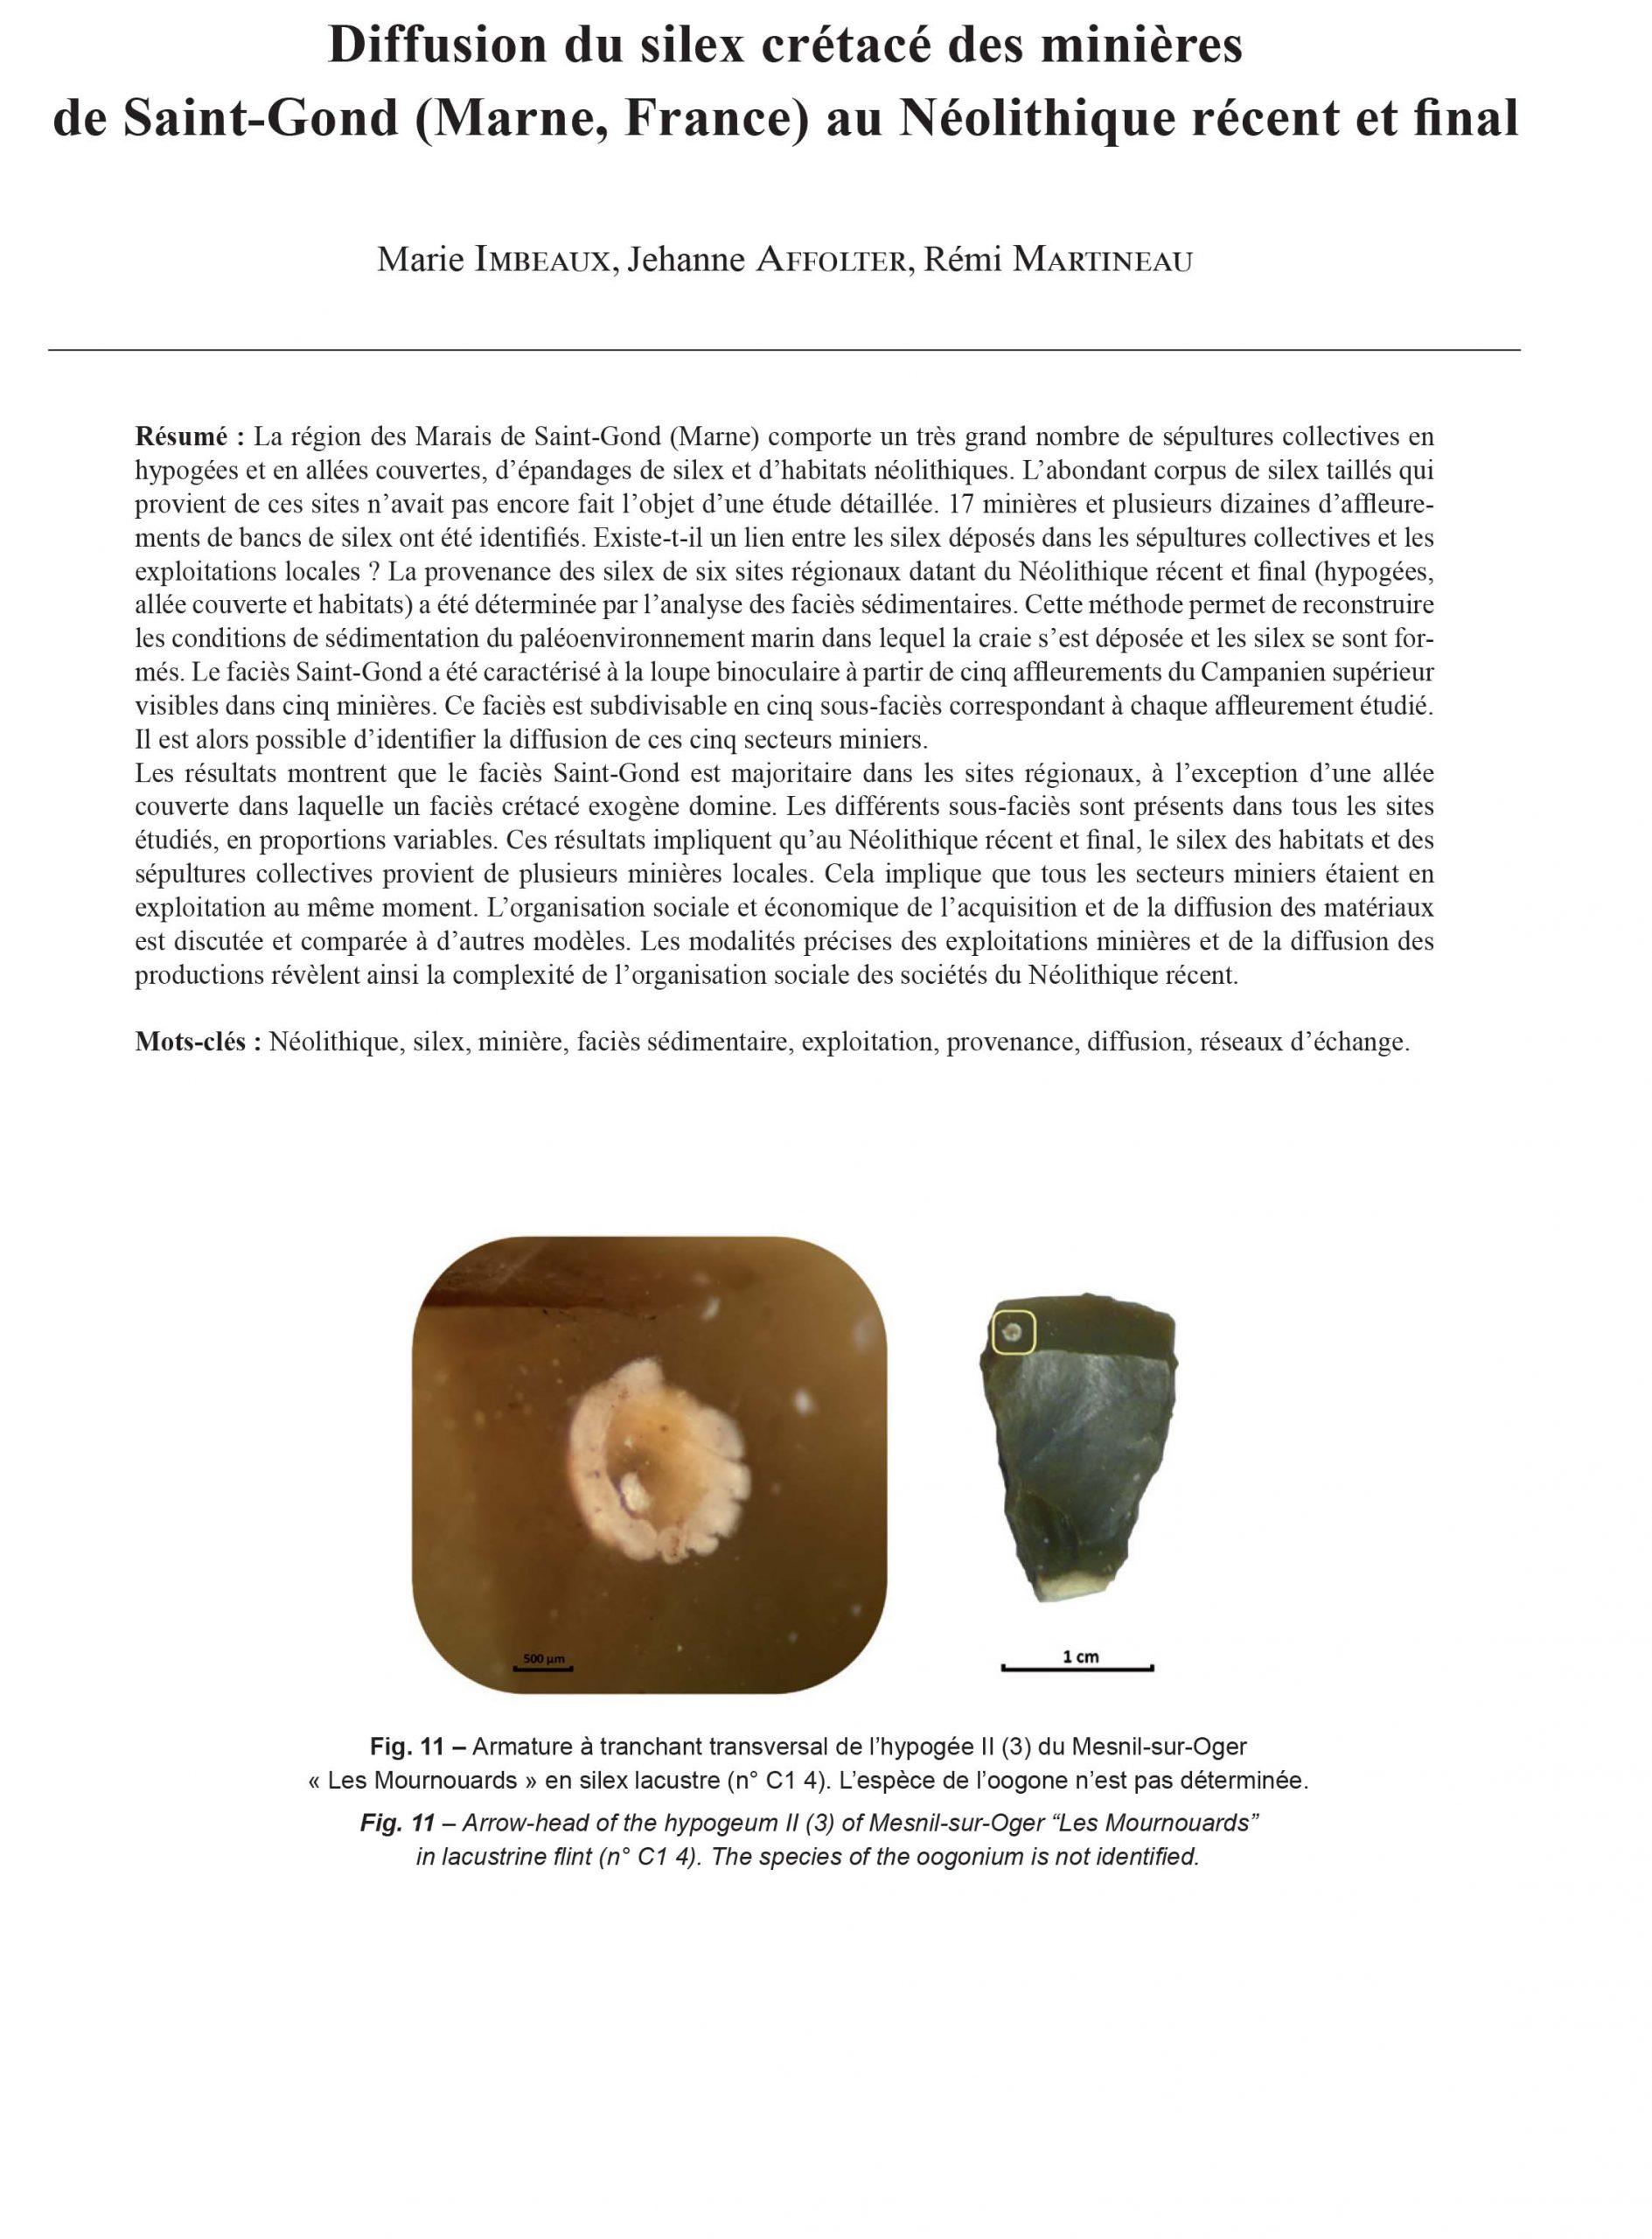 21-2018, Tome 115, 4, P. 733-767 - Imbeaux M., Affolter J., Martineau R.  (2018) – Diffusion Du Silex Crétacé Des Minières De Saint-Gond (Marne, destiné Combien Yat Il De Region En France